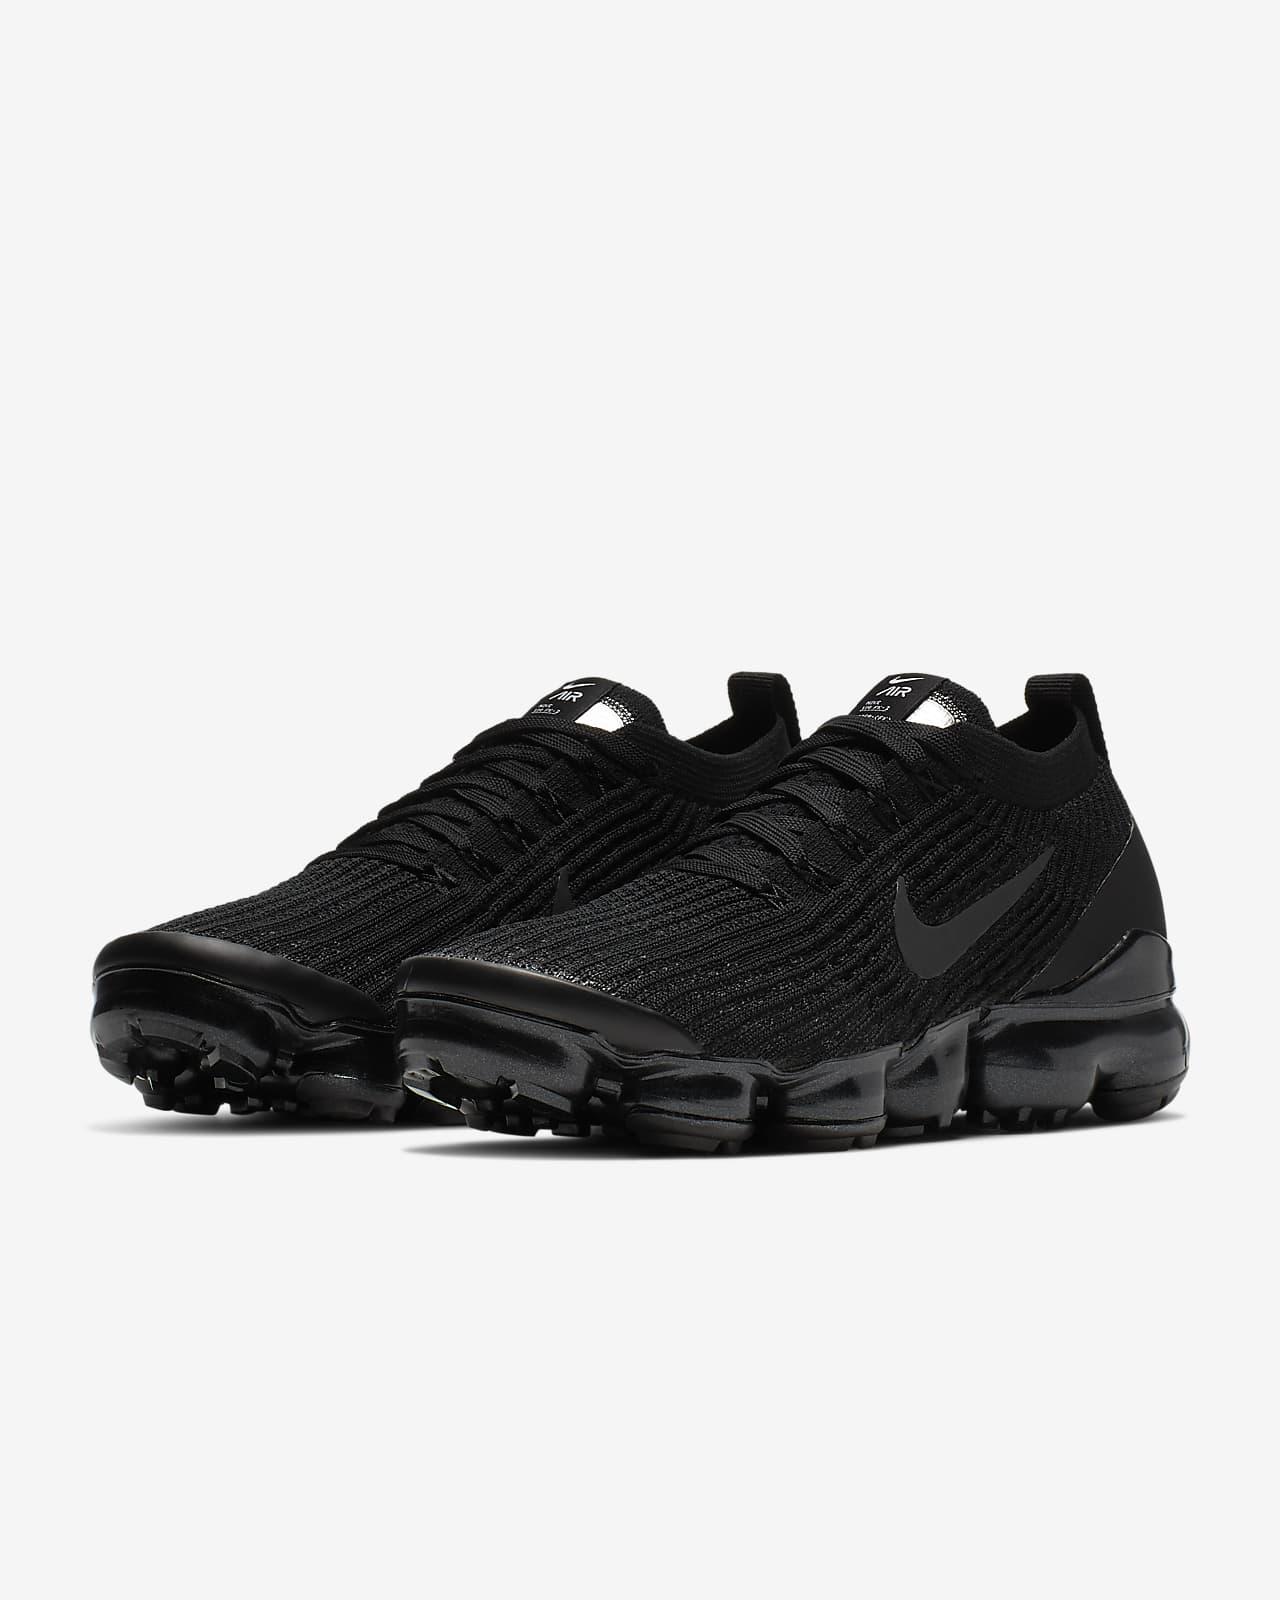 nike air vapormax women sneakers